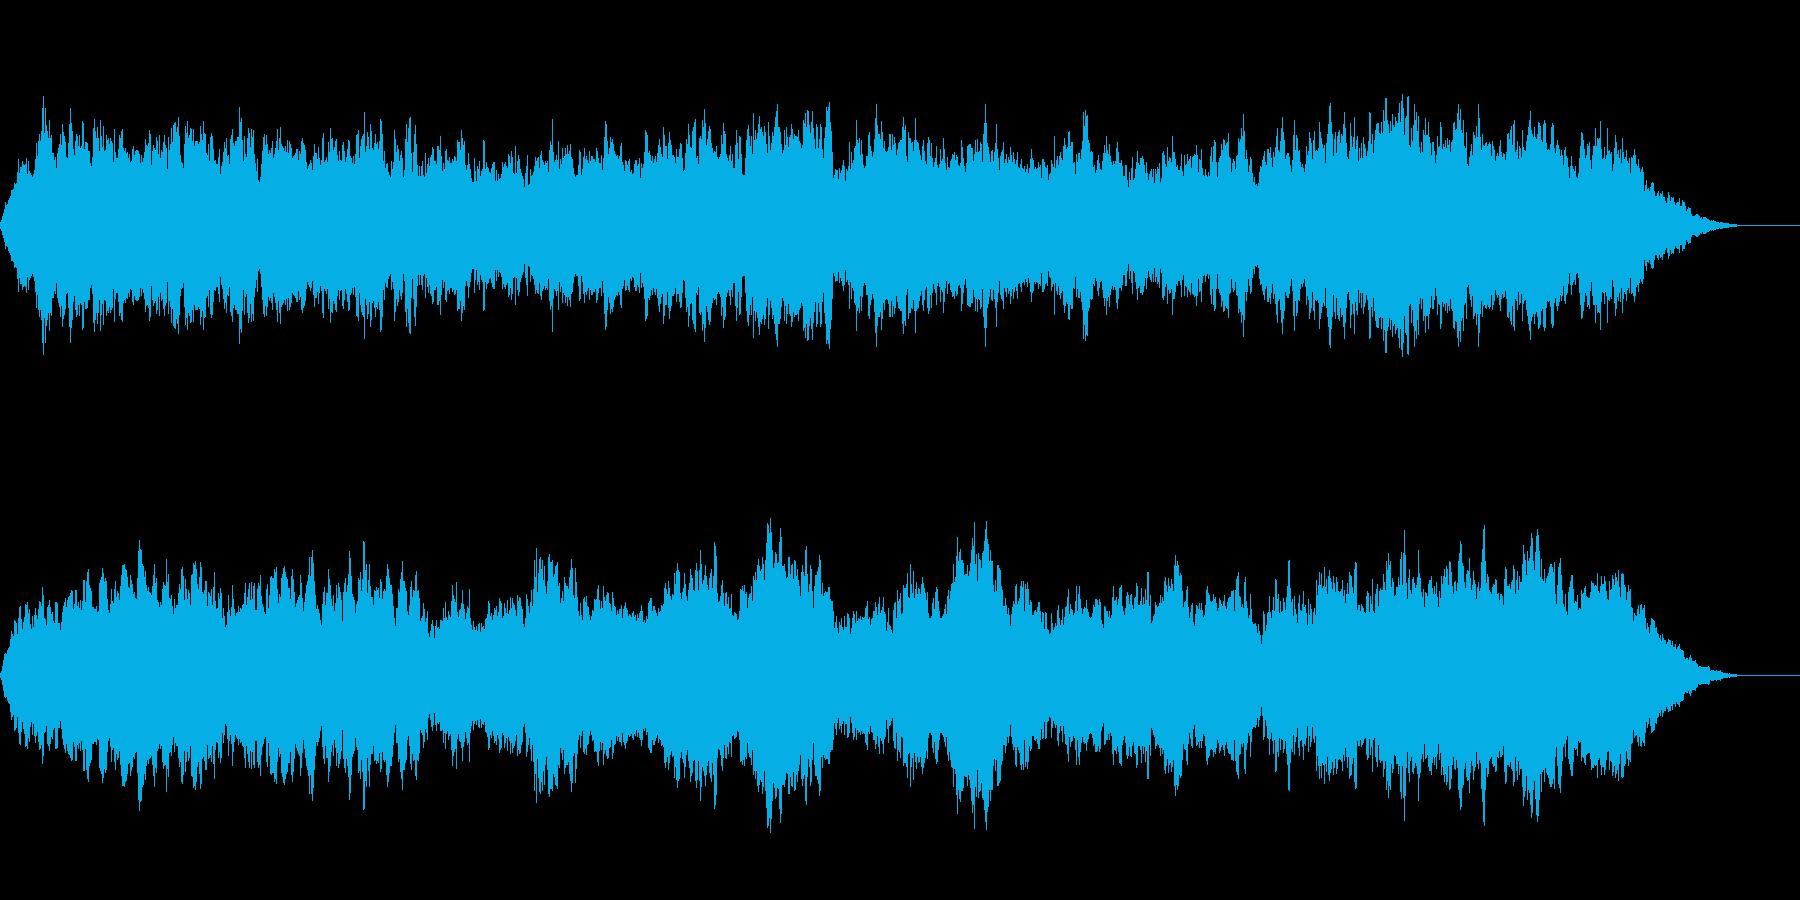 宇宙のように神秘的で壮大な曲の再生済みの波形